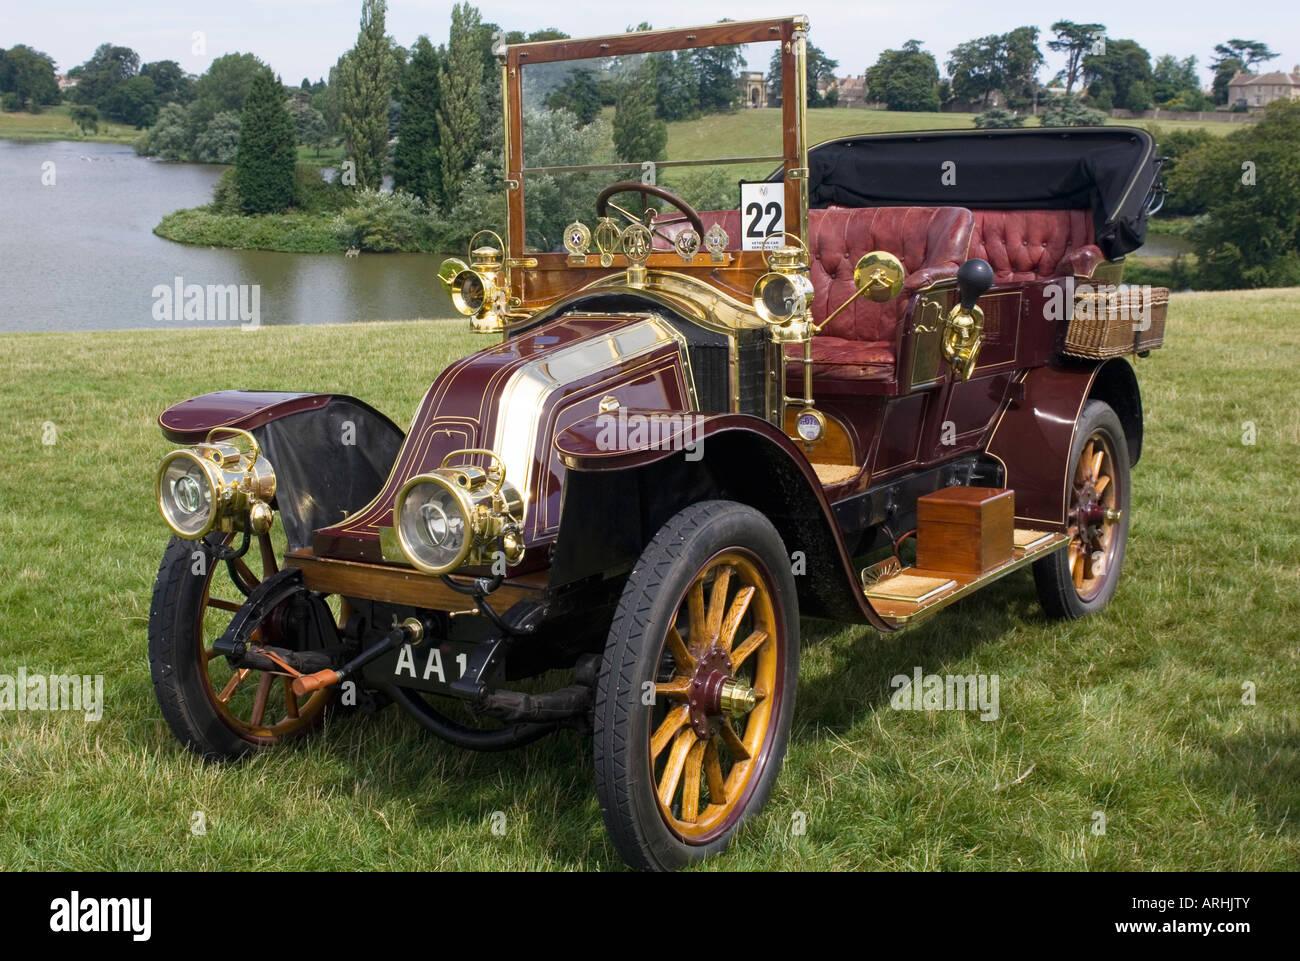 Ein Veteran burgundy1905 Renault 20 30hp Made in Billancourt Paris, parkte auf dem Rasen mit einem See im Hintergrund Stockbild